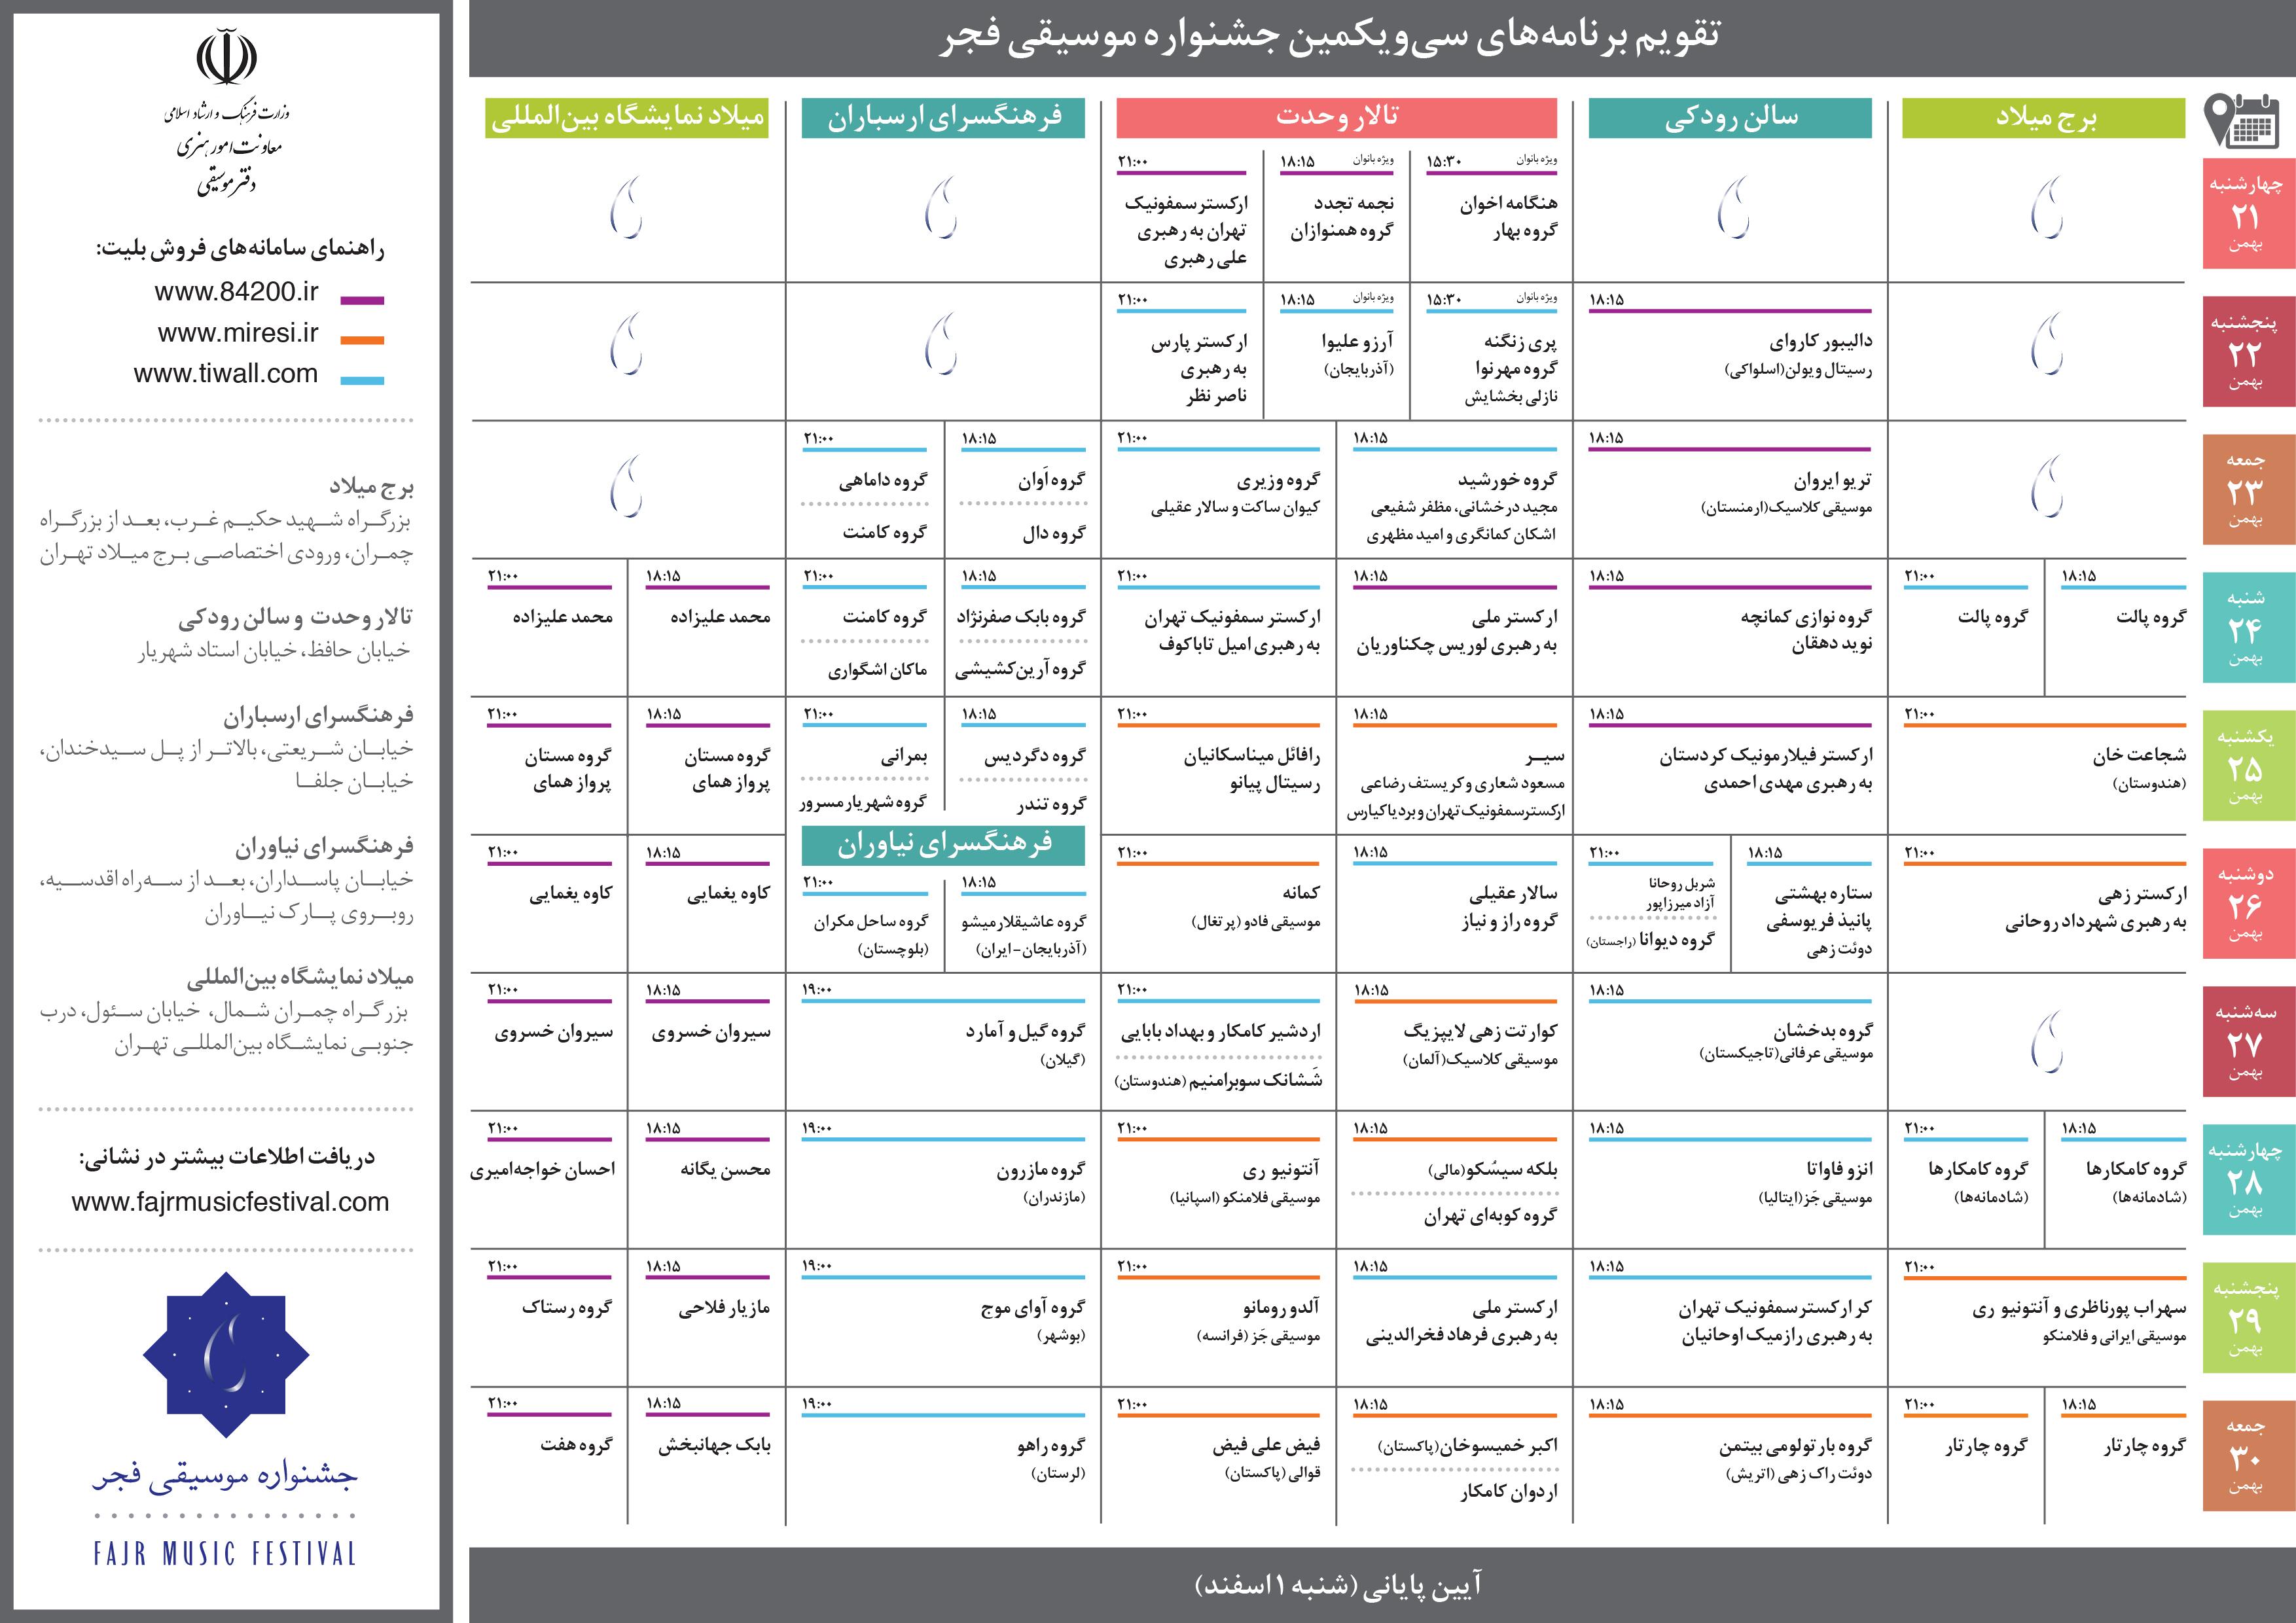 جدول برنامه های سی و یکمین دوره جشنواره موسیقی فجر